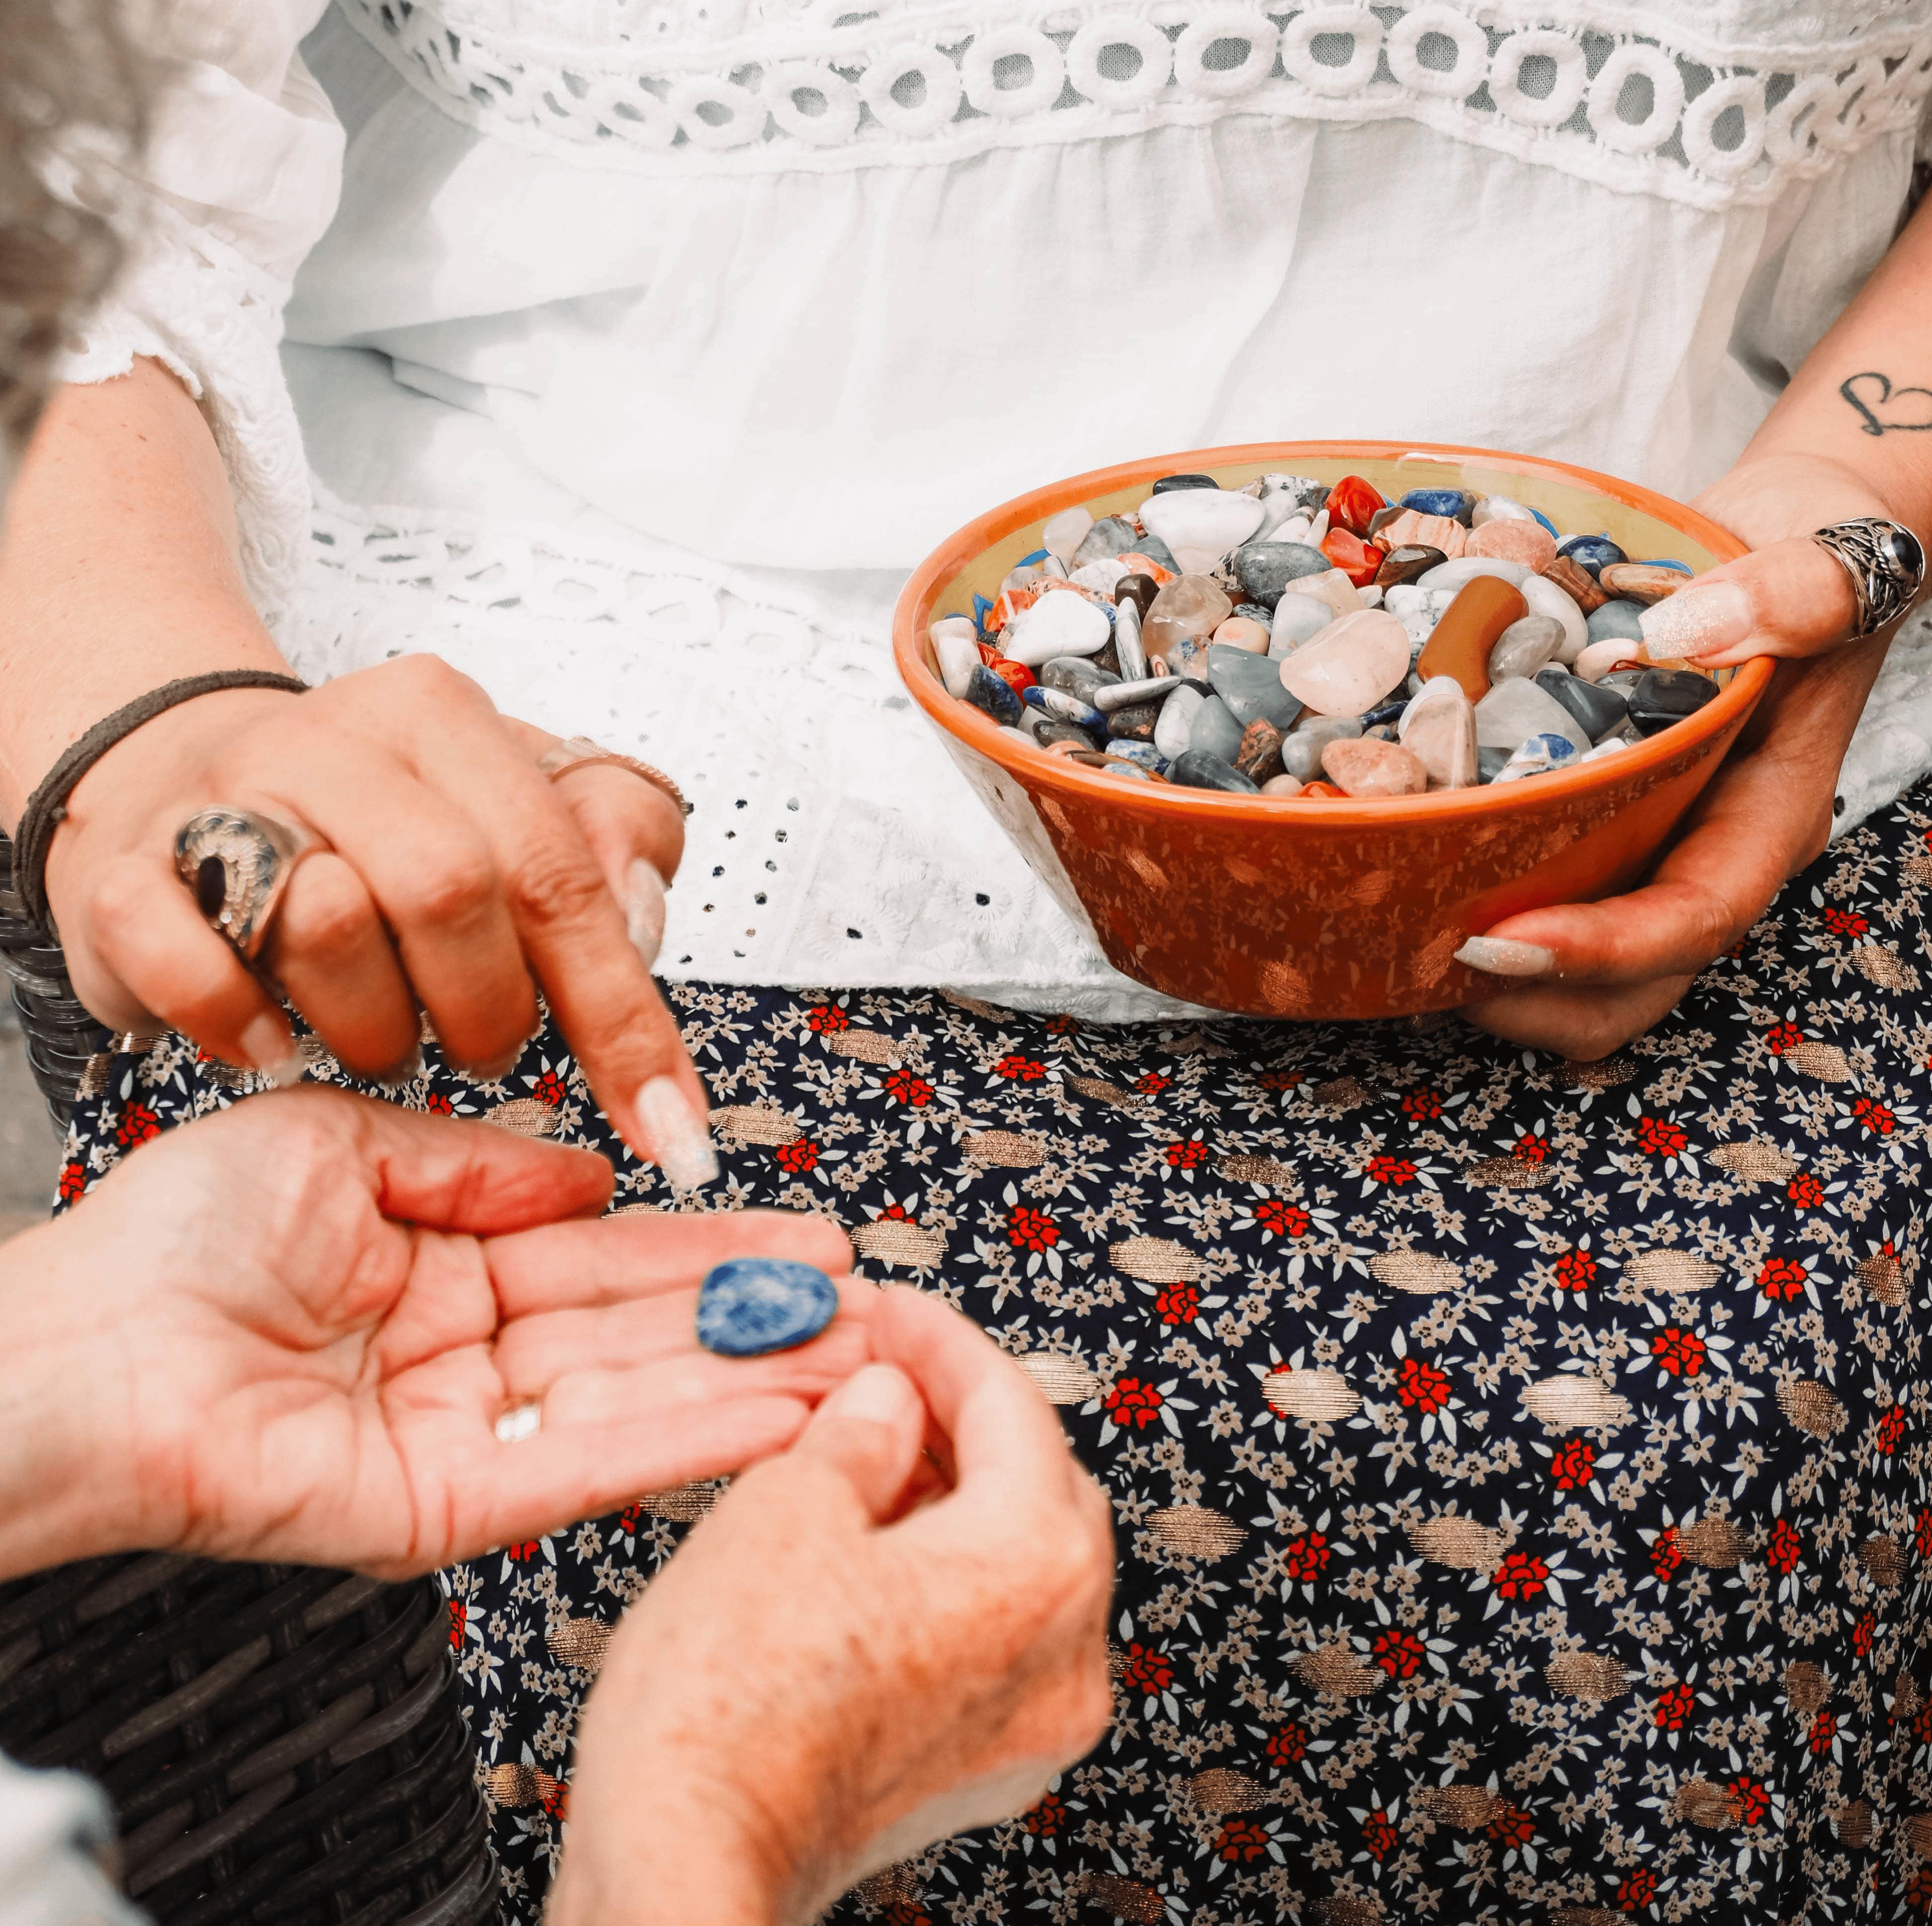 edelstenen in keramiek bakje met hand